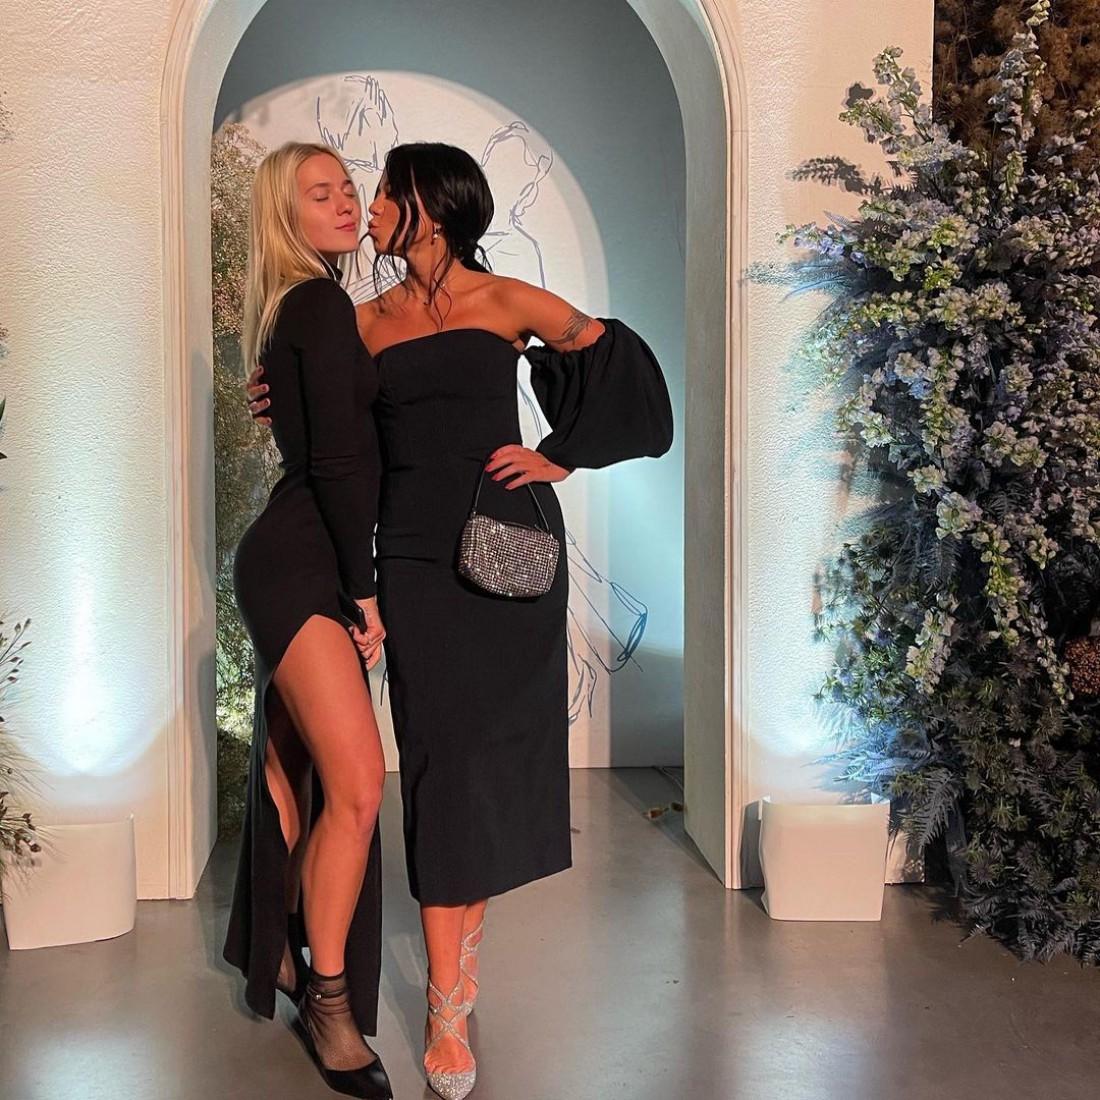 Падчерица Потапа появилась на балу в платье с откровенными разрезами